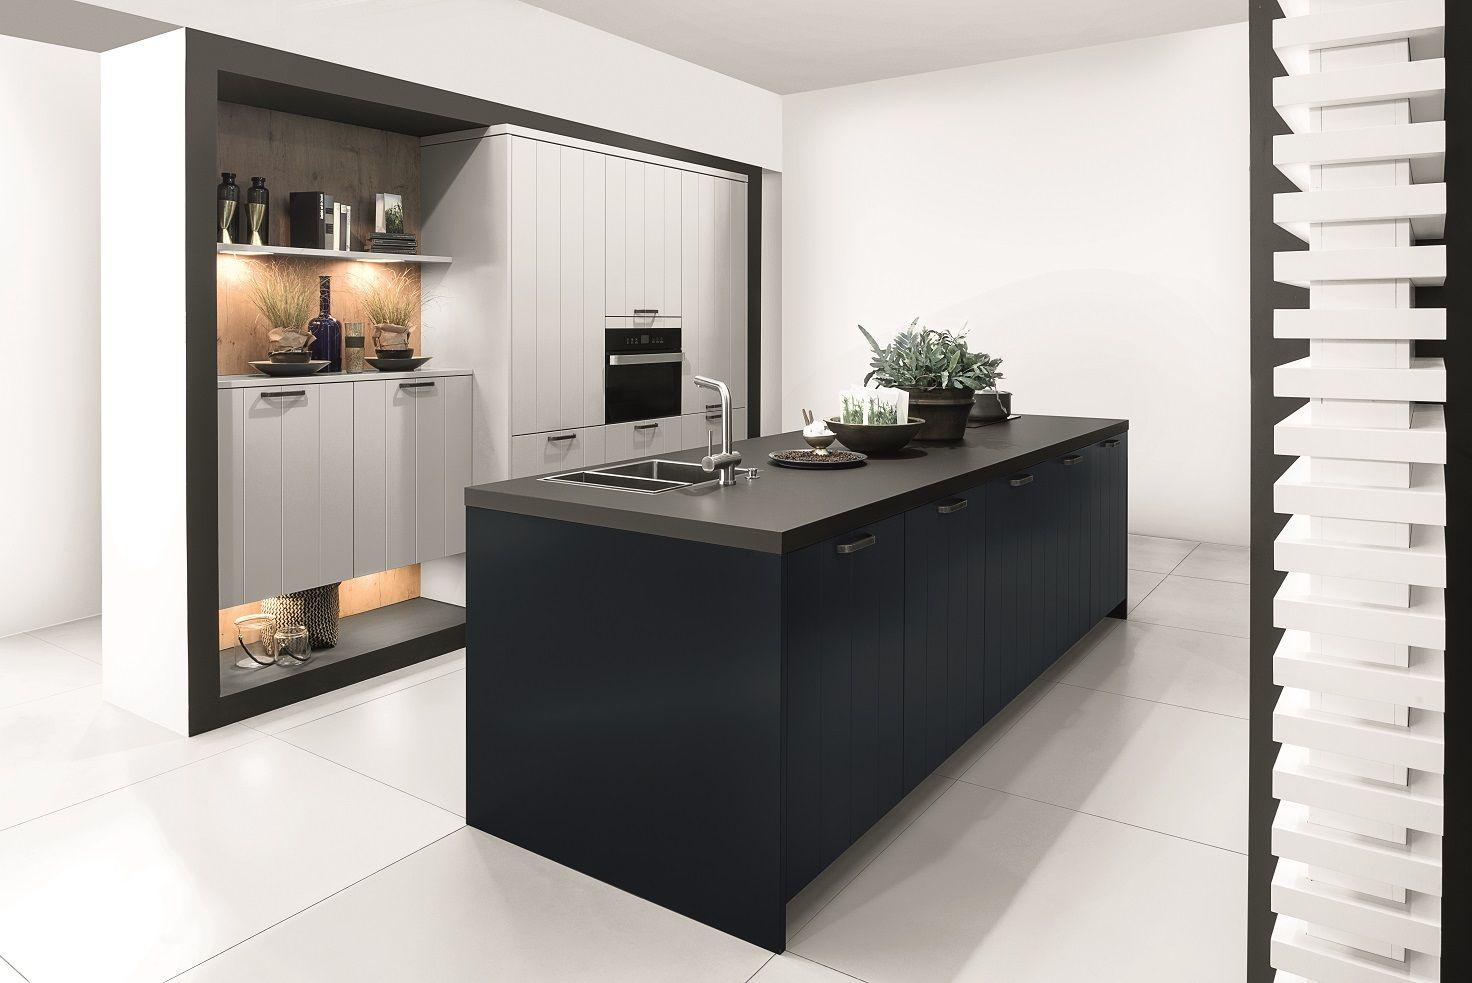 Showroomkeukens alle showroomkeuken aanbiedingen uit for Moderne keuken